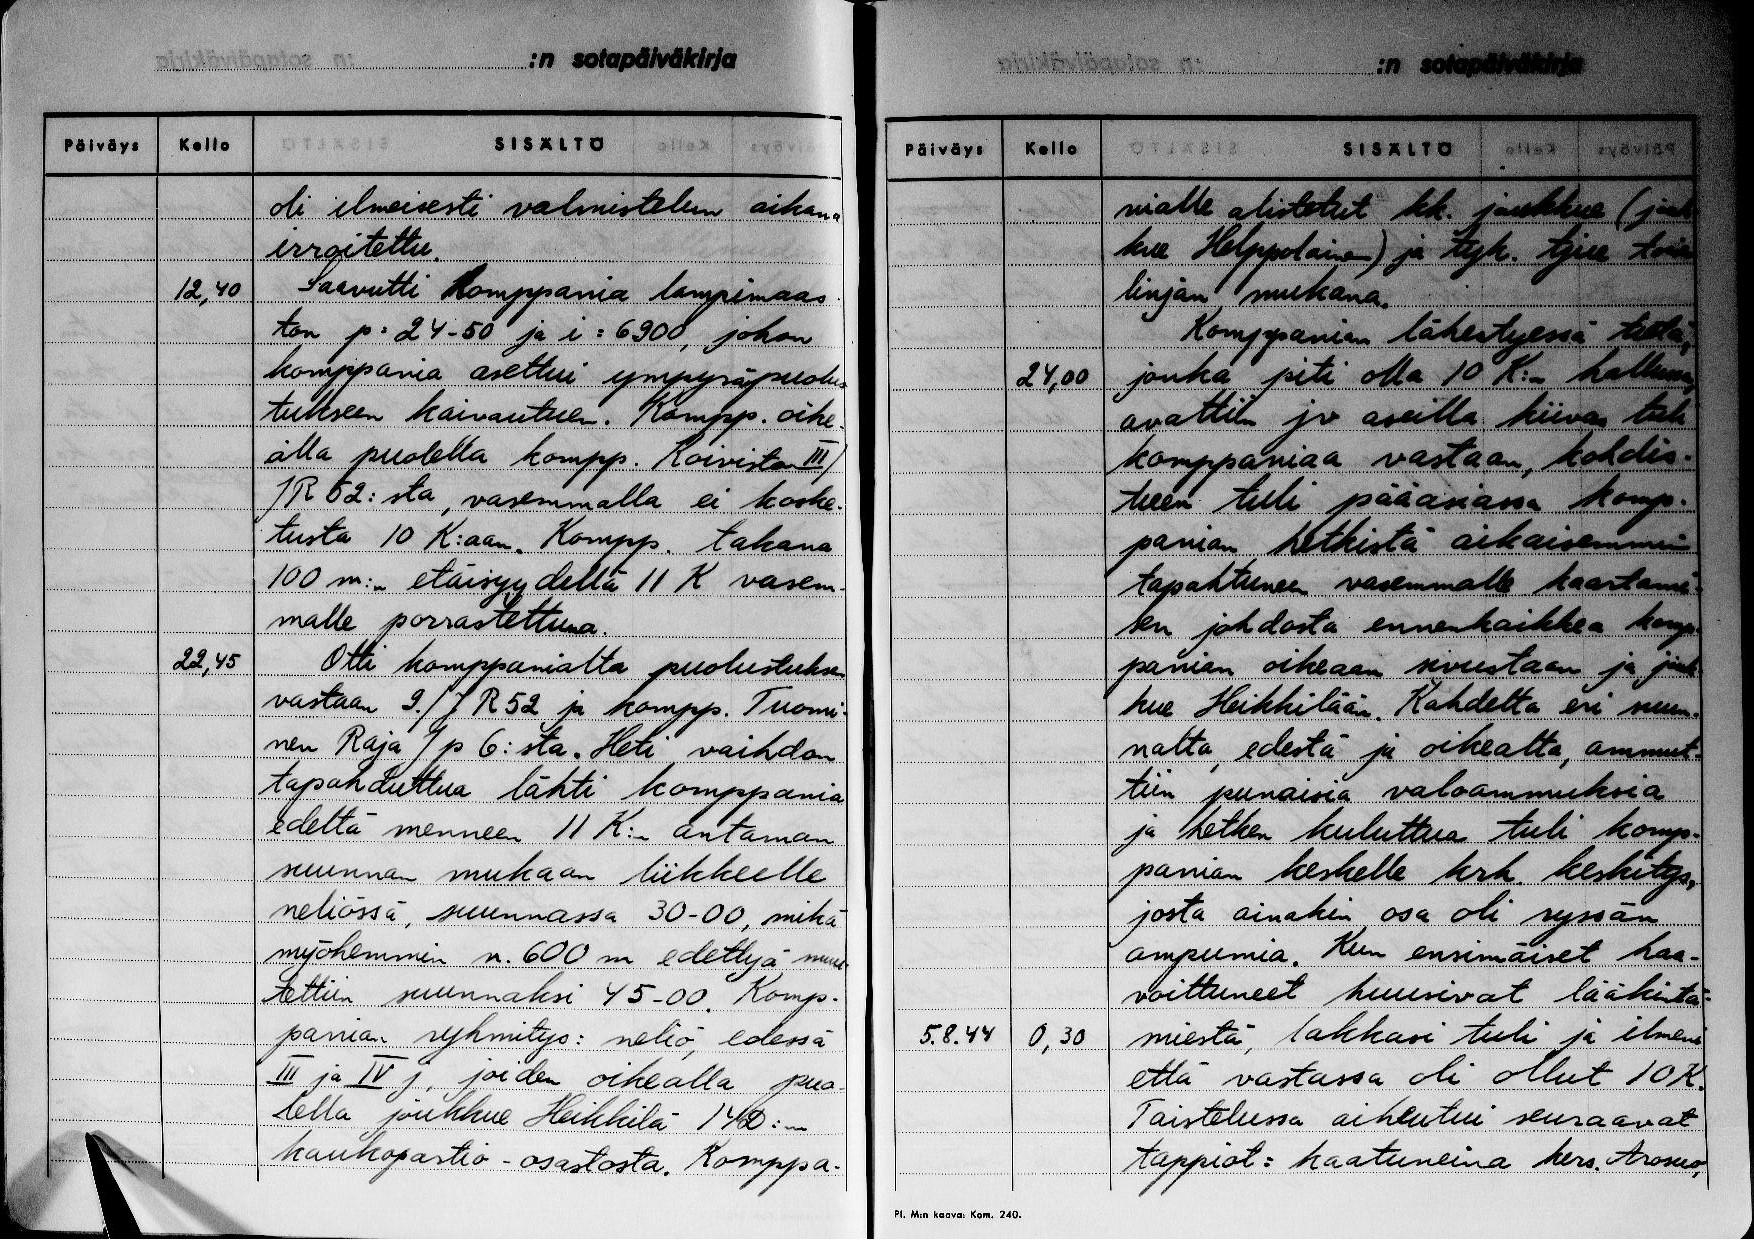 9./JR 10 sotapäiväkirja, josta ilmenee ikävä tapahtuma elokuulta 1944, jossa omat avasivat tulen ja 5 sotilasta menetti henkensä ja 9 haavoittui. Seikola pelasti suuremmilta vahingoilta, vaikka sitä sotapäiväkirja ei kerro. Tämä tieto löytyy Rukajärven suunnan historiayhdistyksen arkistosta.